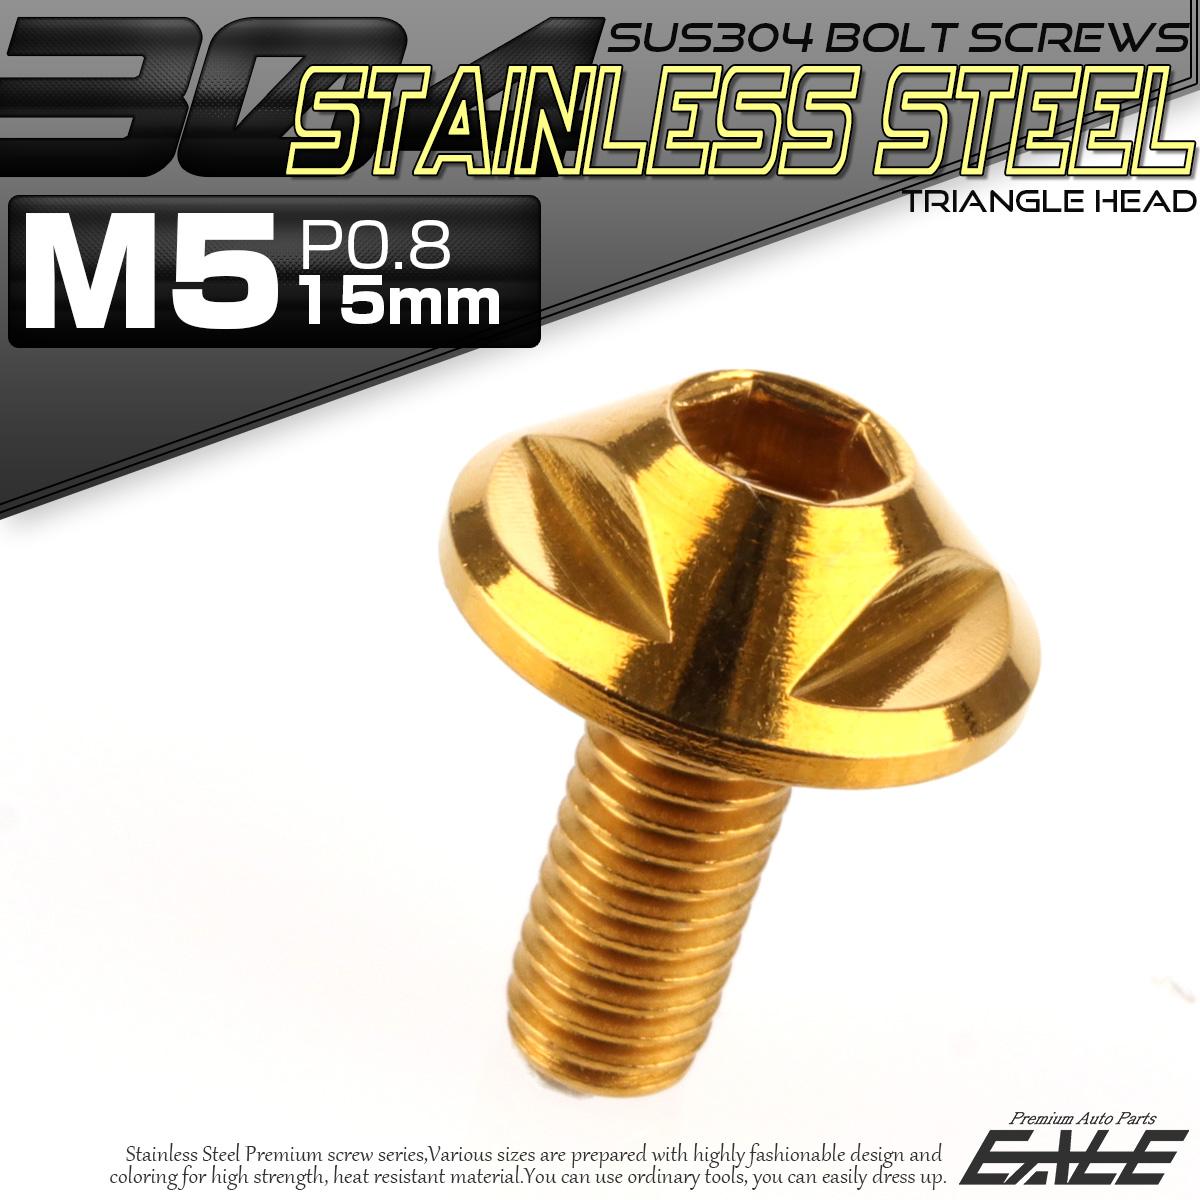 【ネコポス可】 SUS304 フランジ付 ボタンボルト M5×15mm P0.8 六角穴  ゴールド トライアングルヘッド ステンレス製  TR0145